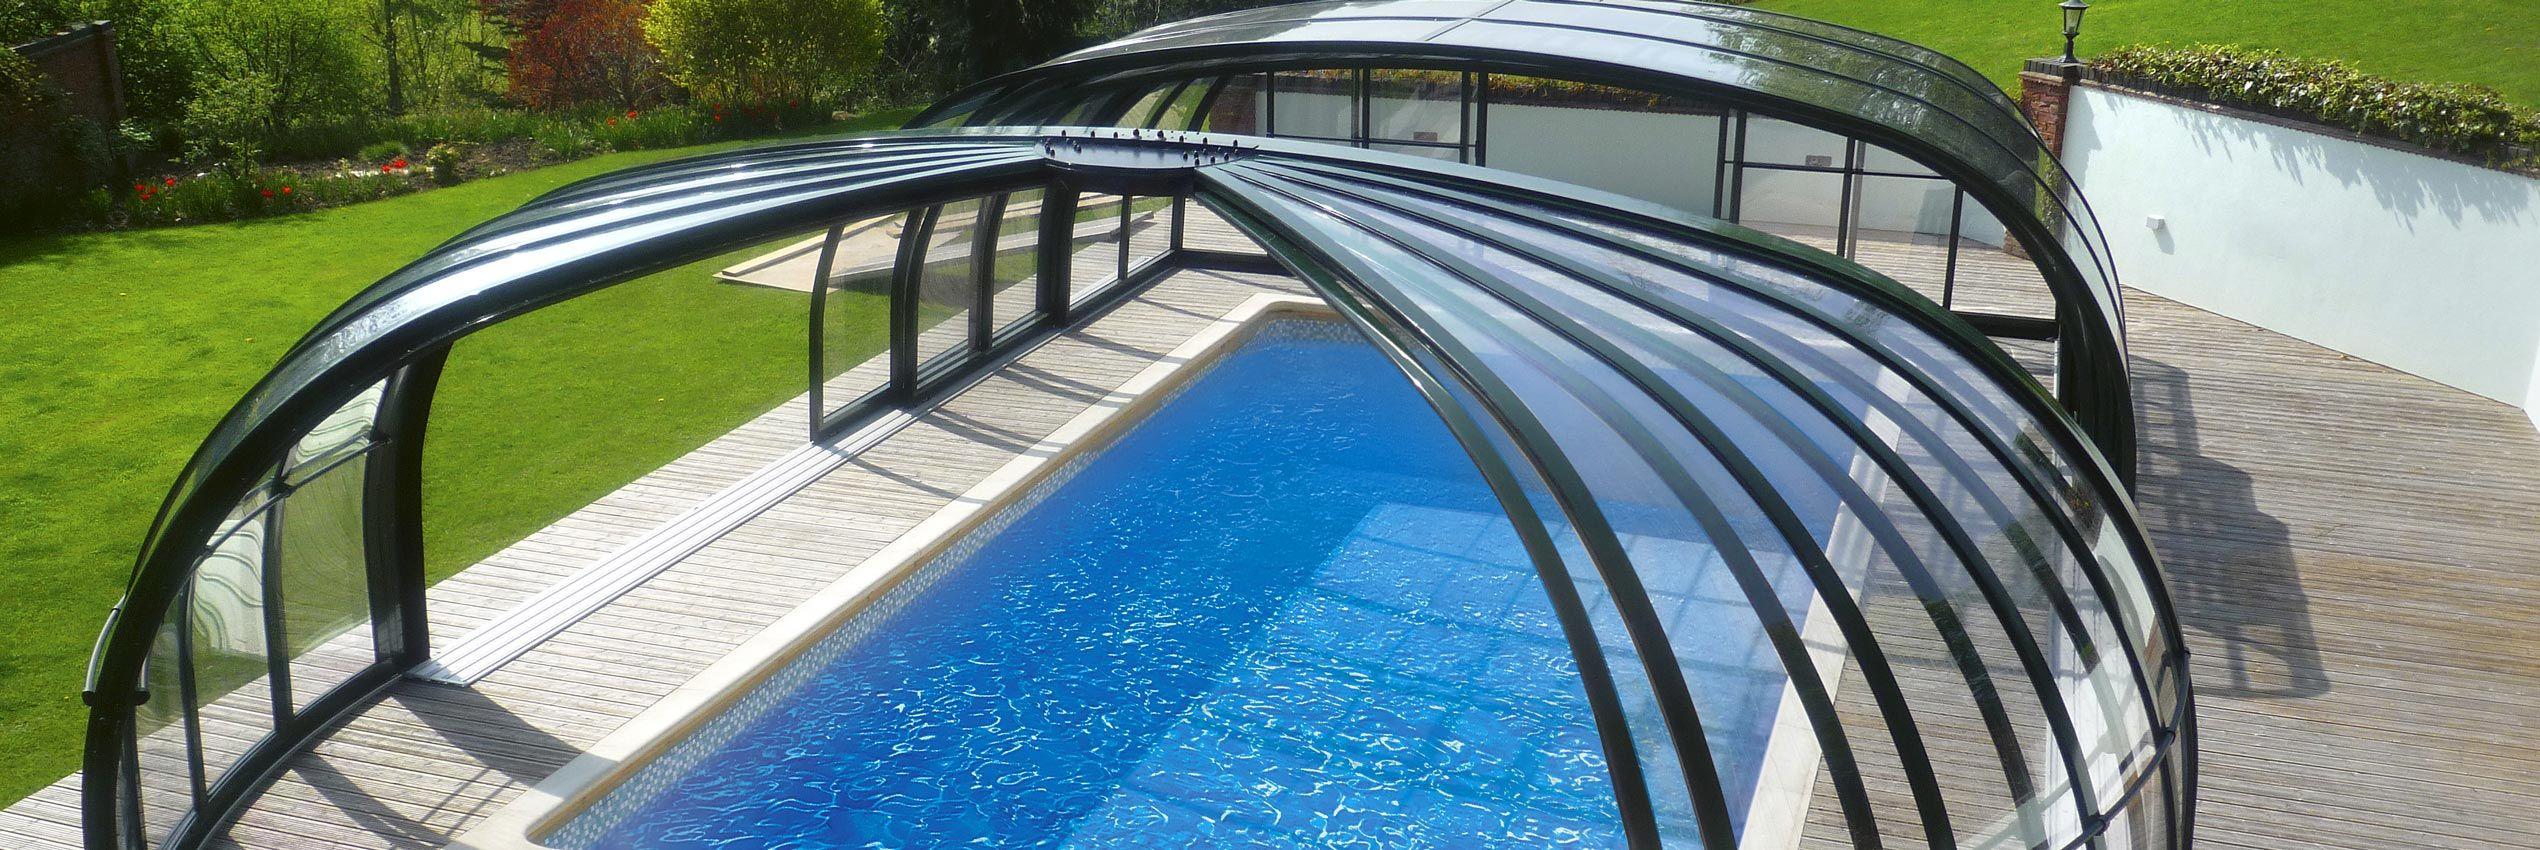 Teilweise aufgeschoben verschiebbare Poolüberdachung Olympic